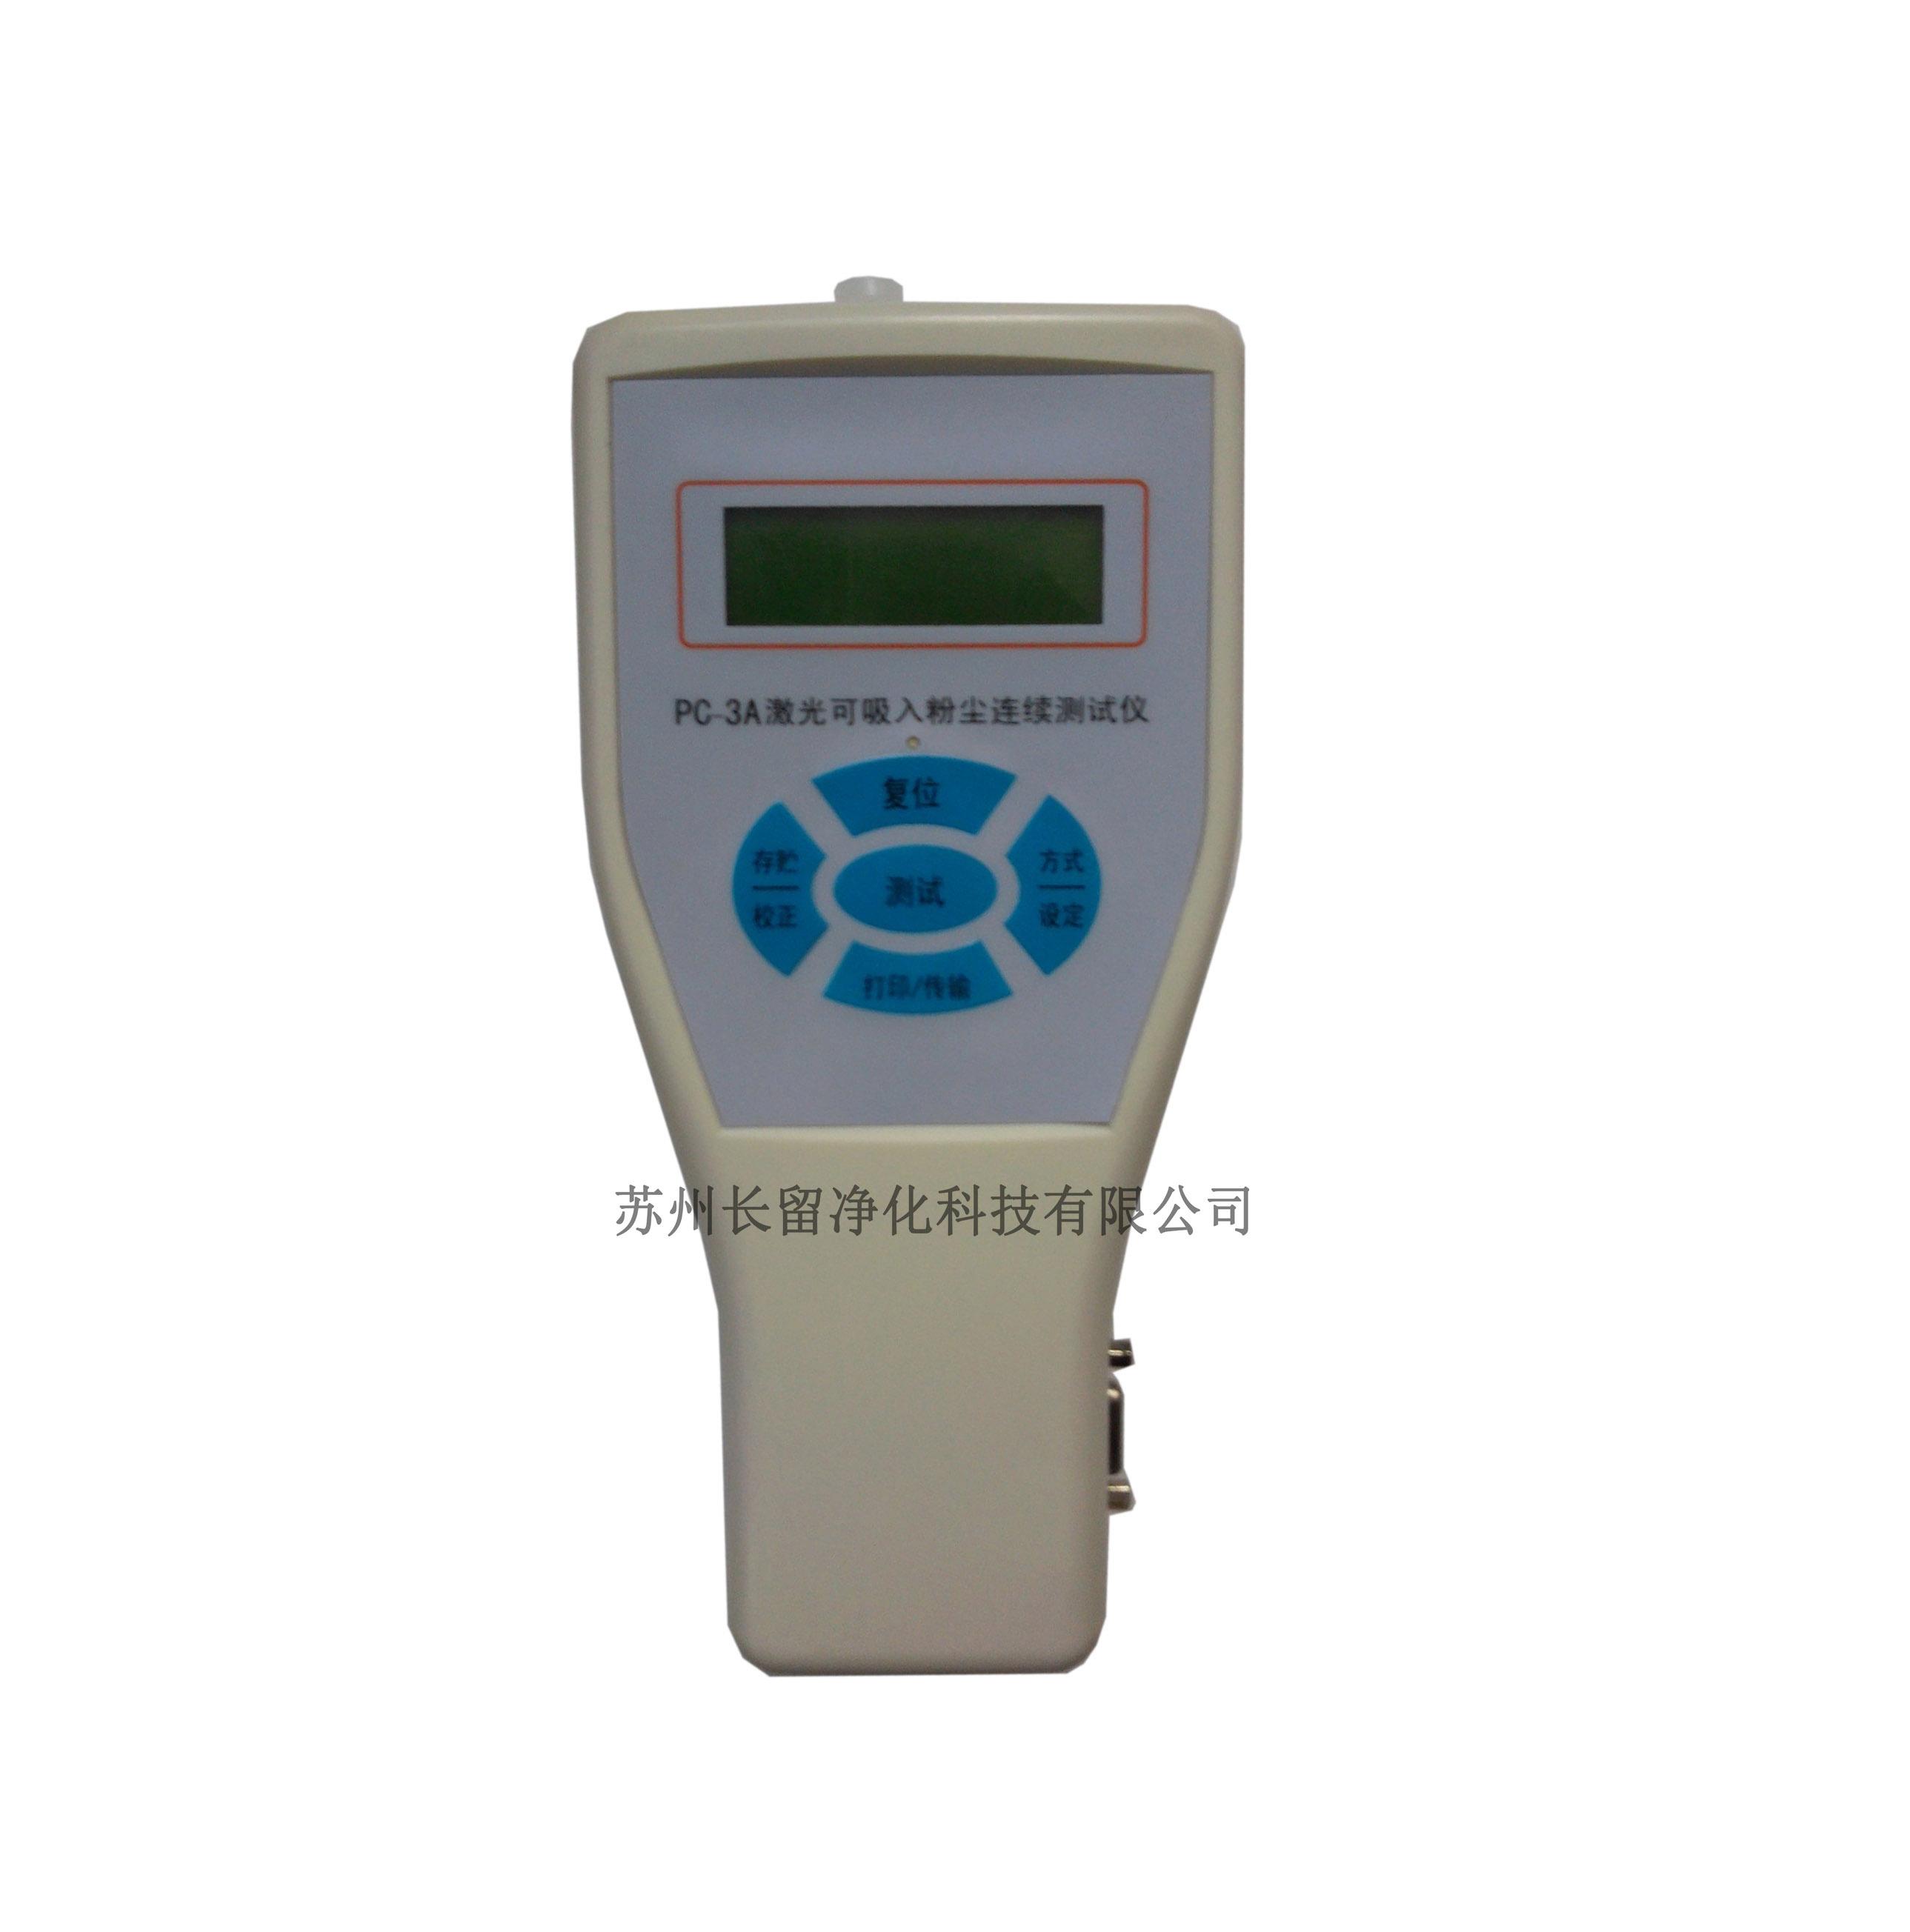 手持式袖珍激光可吸入PM10粉尘连续仪